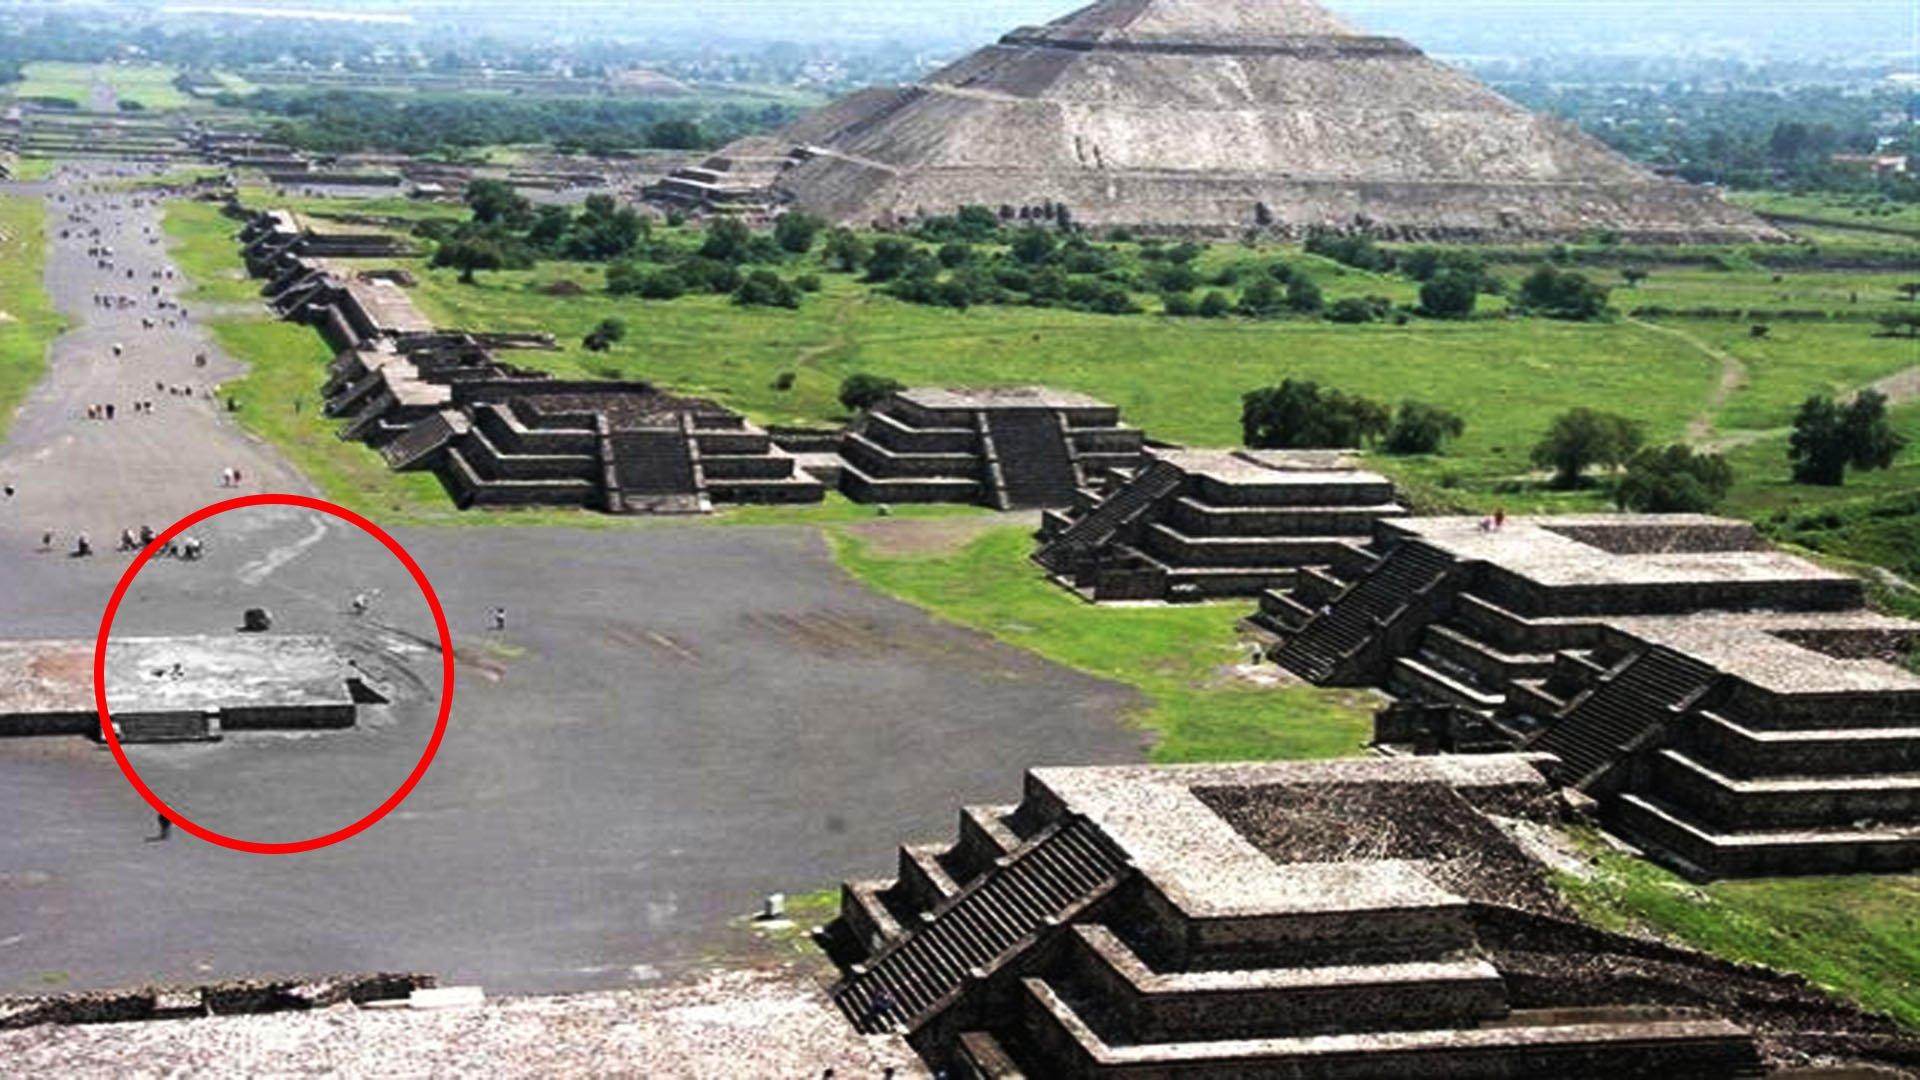 Increíble – Estas son las imágenes más antiguas que existen de Teotihuacán